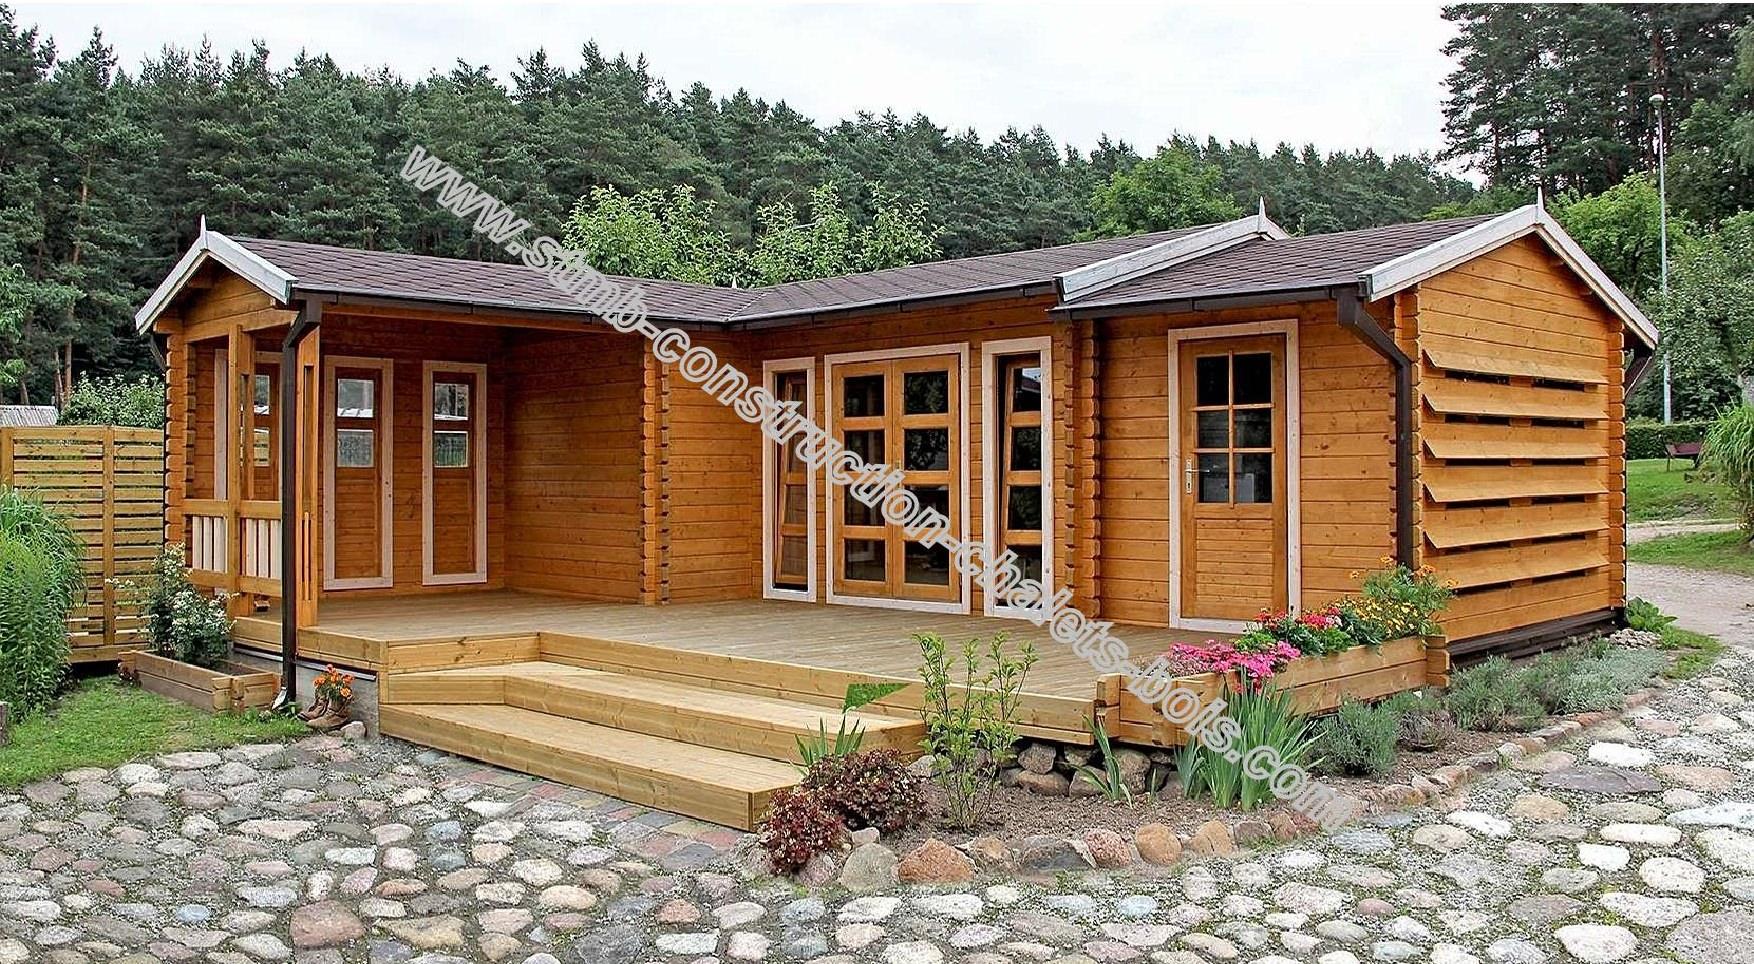 Vente de chalet bois en kit stmb construction chalets bois for Cabanon de jardin pas cher